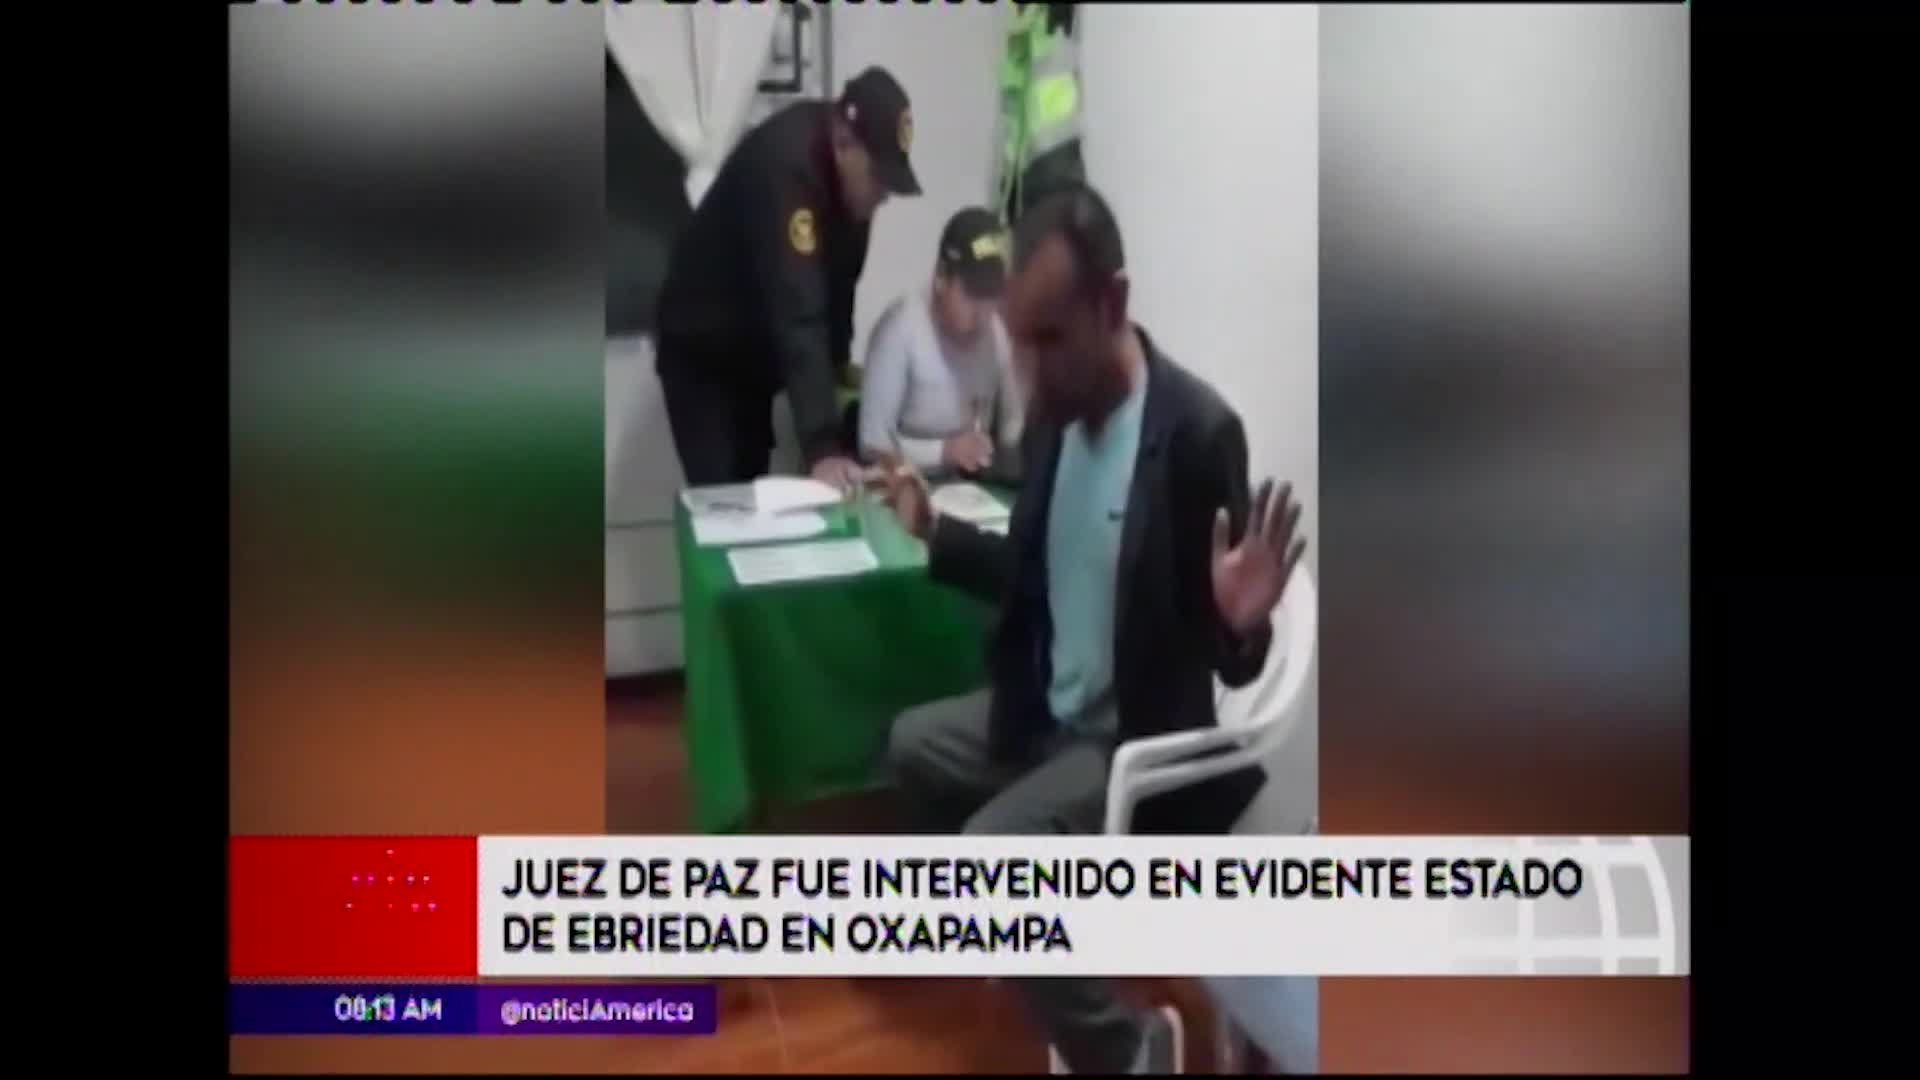 Oxapampa: detienen a un juez de paz en evidente estado de ebriedad